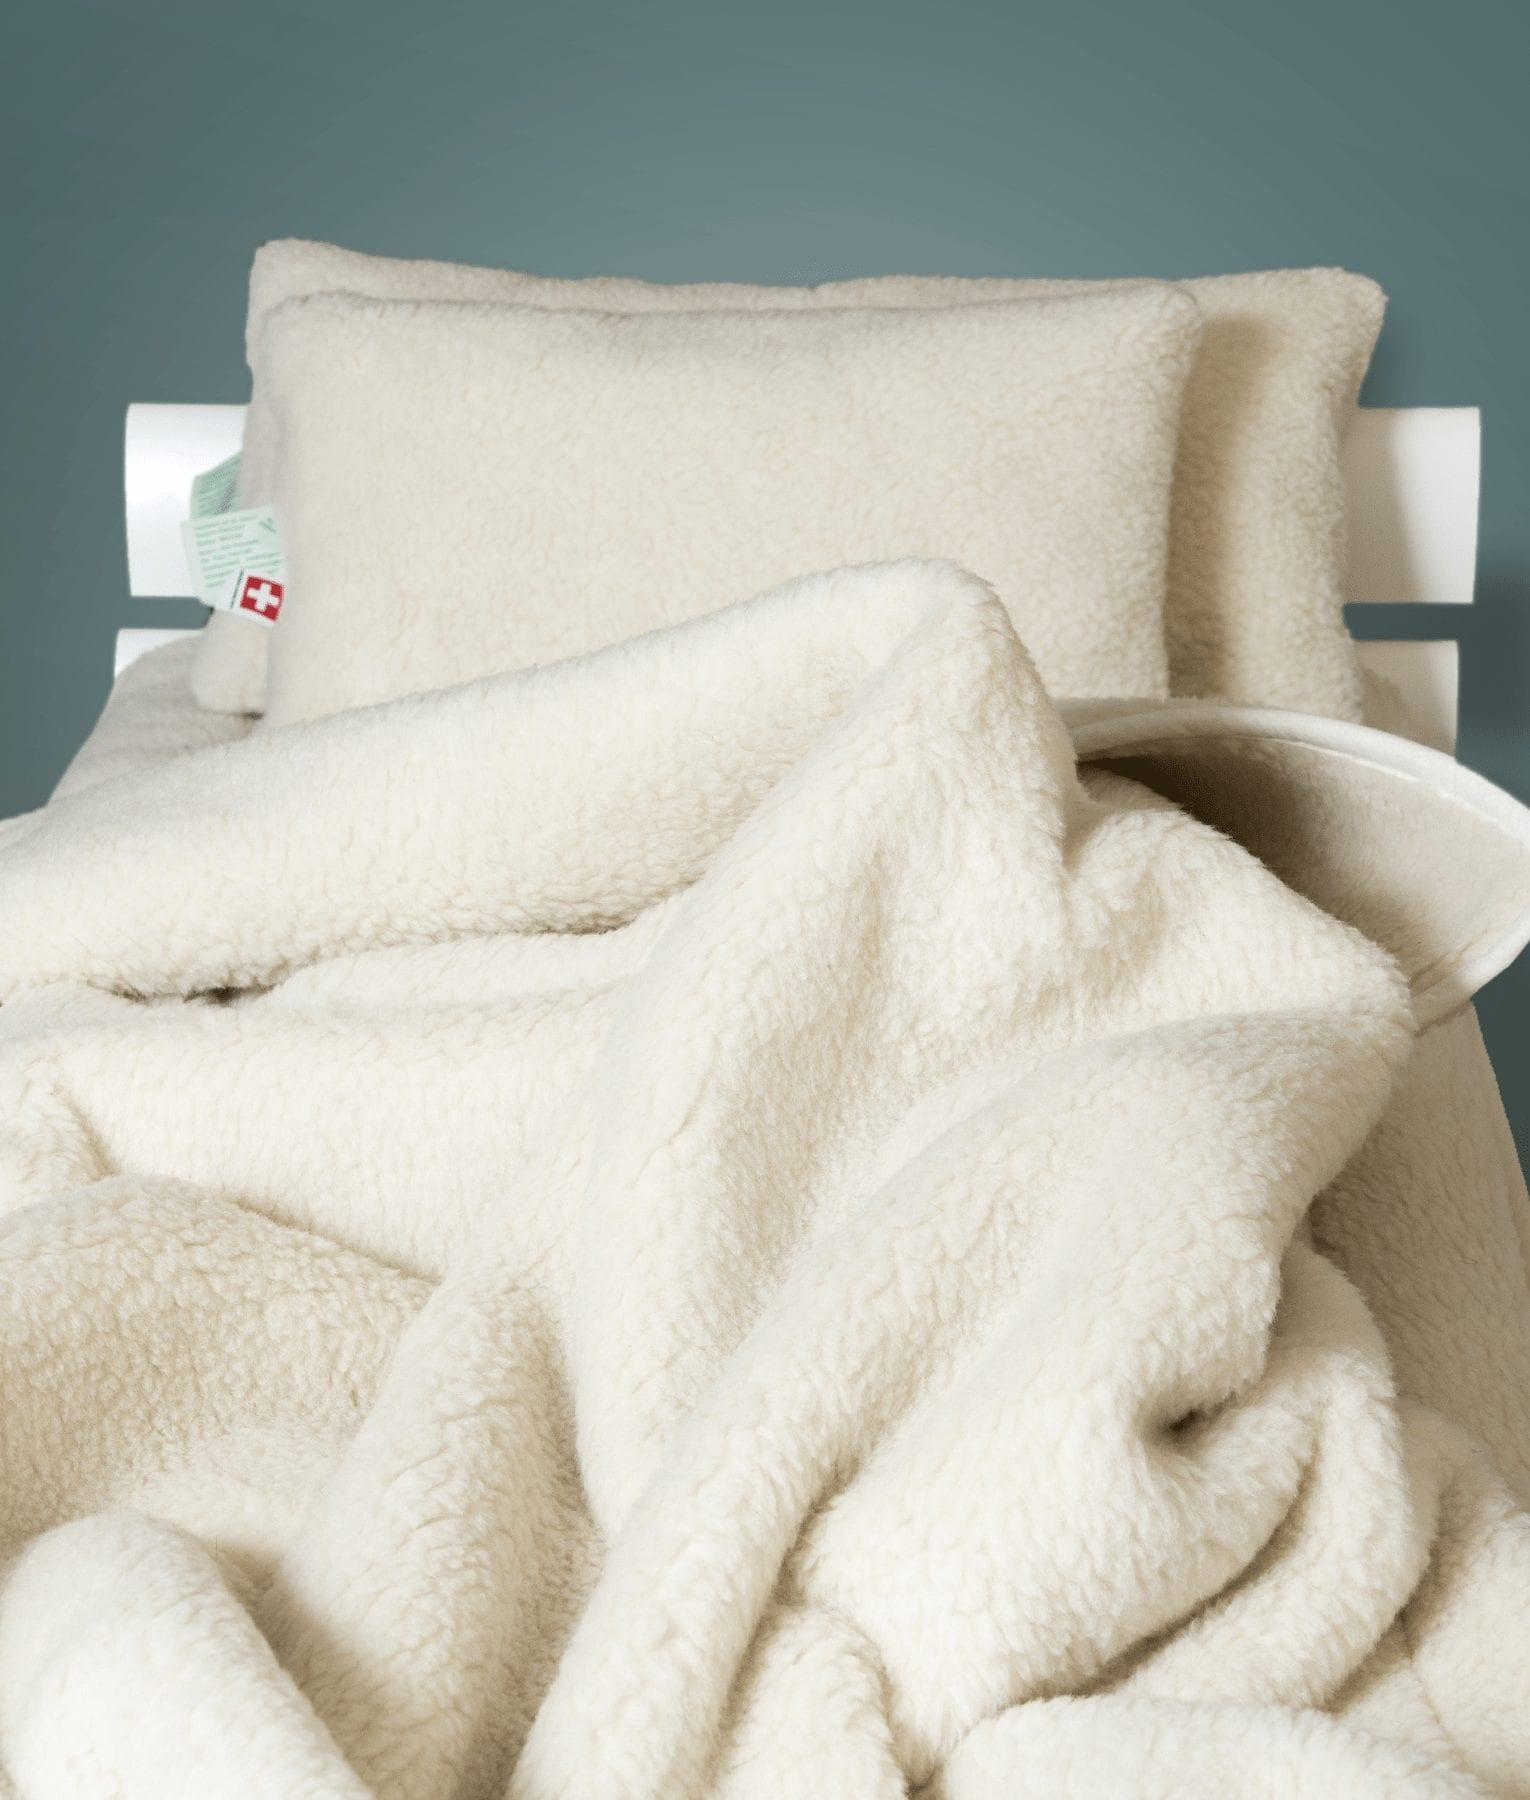 pure-merino-wool-duvet-swissmade-direct